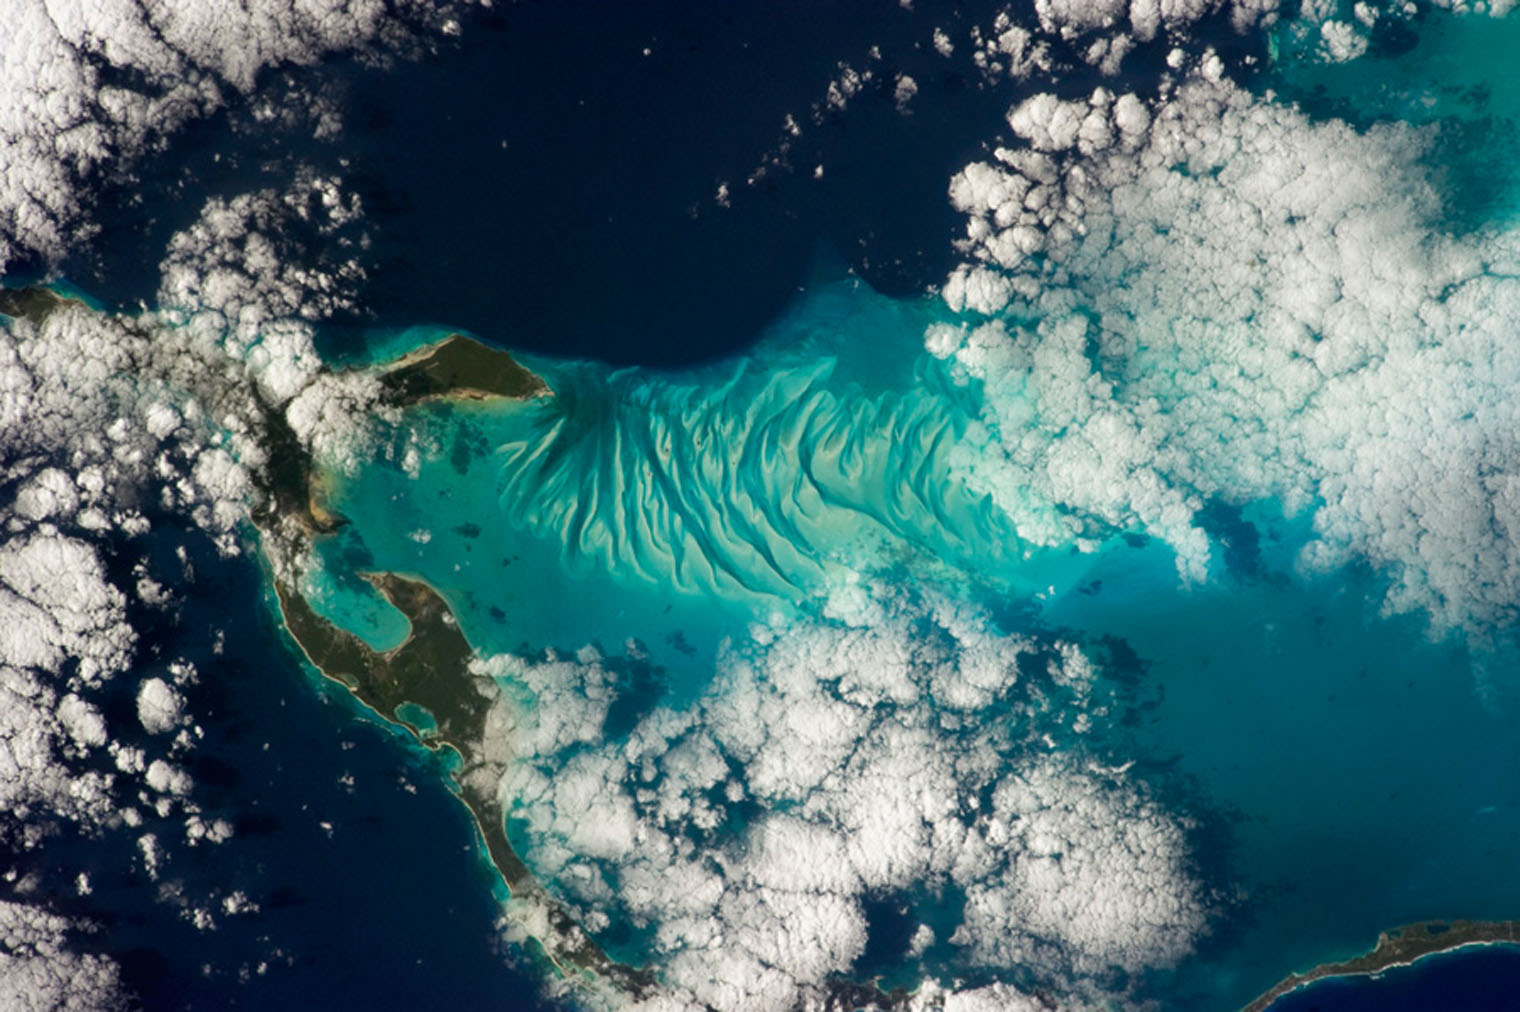 Bahamas Beauty